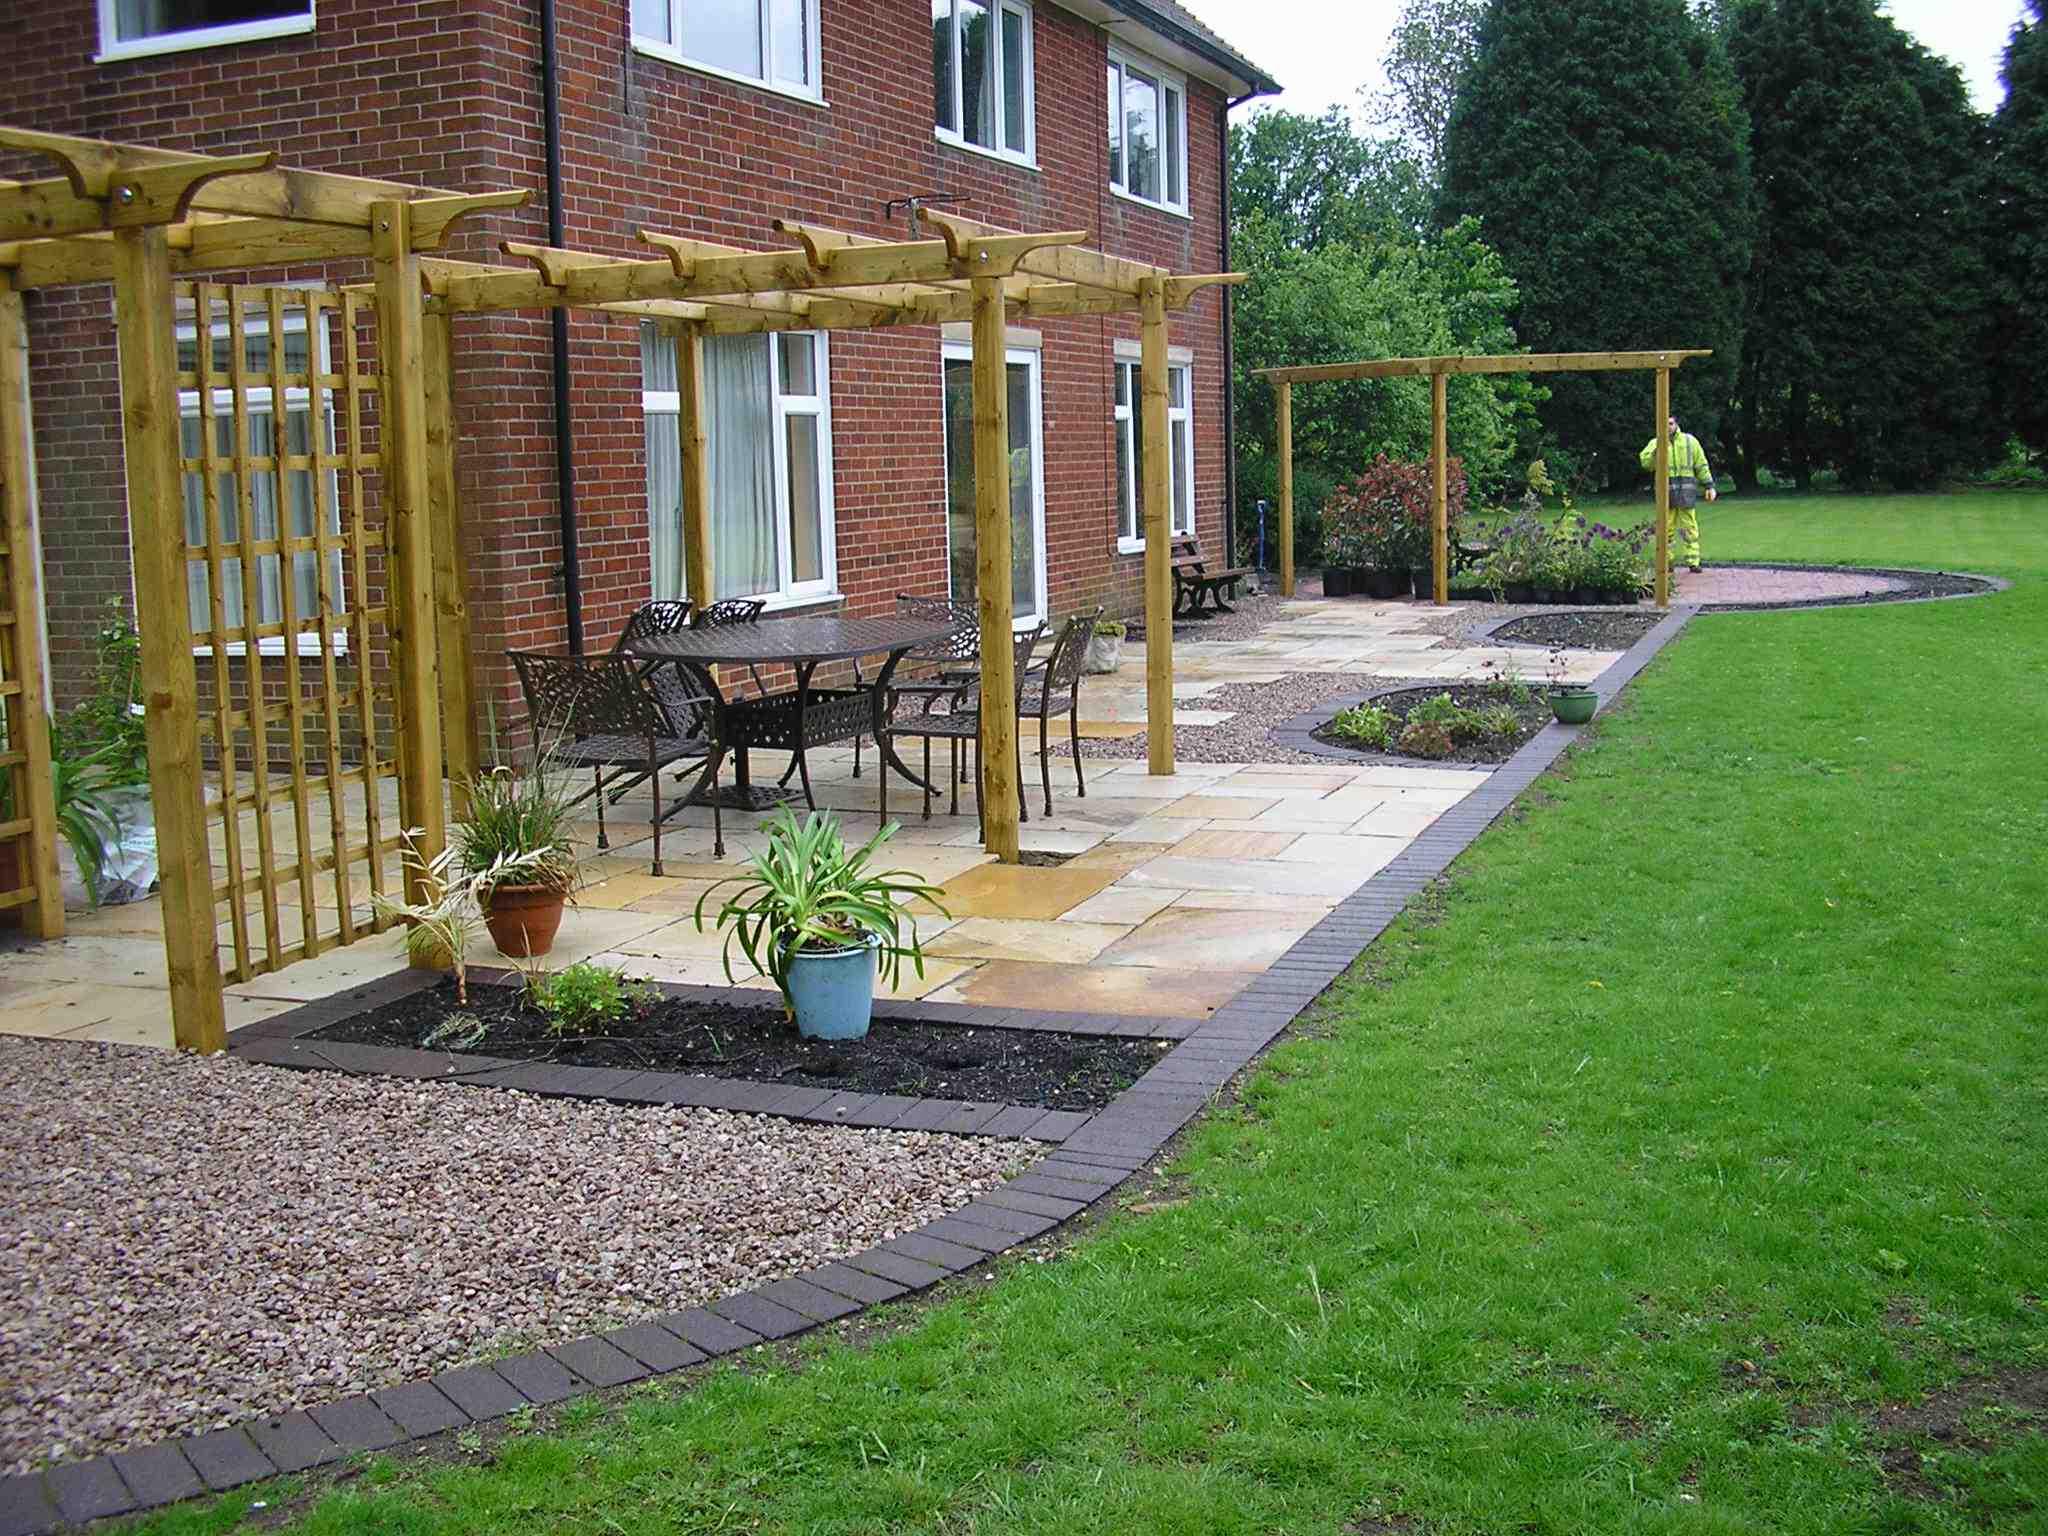 Portfiolio patios Burton on Trent example 7